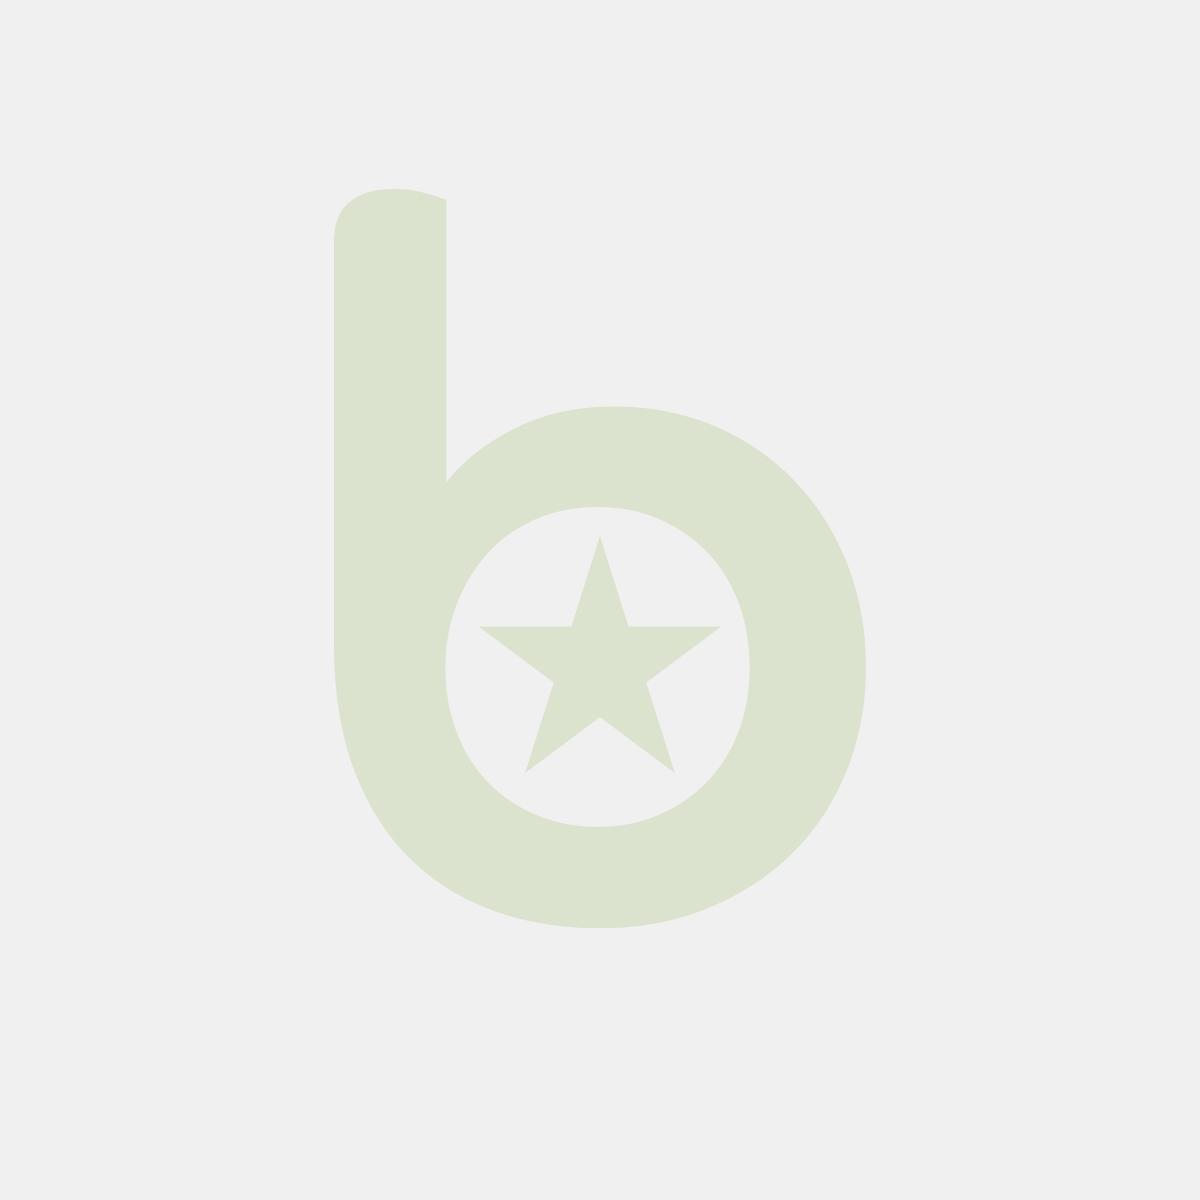 Sito barmańskie łyżka 23cm stal nierdzewna